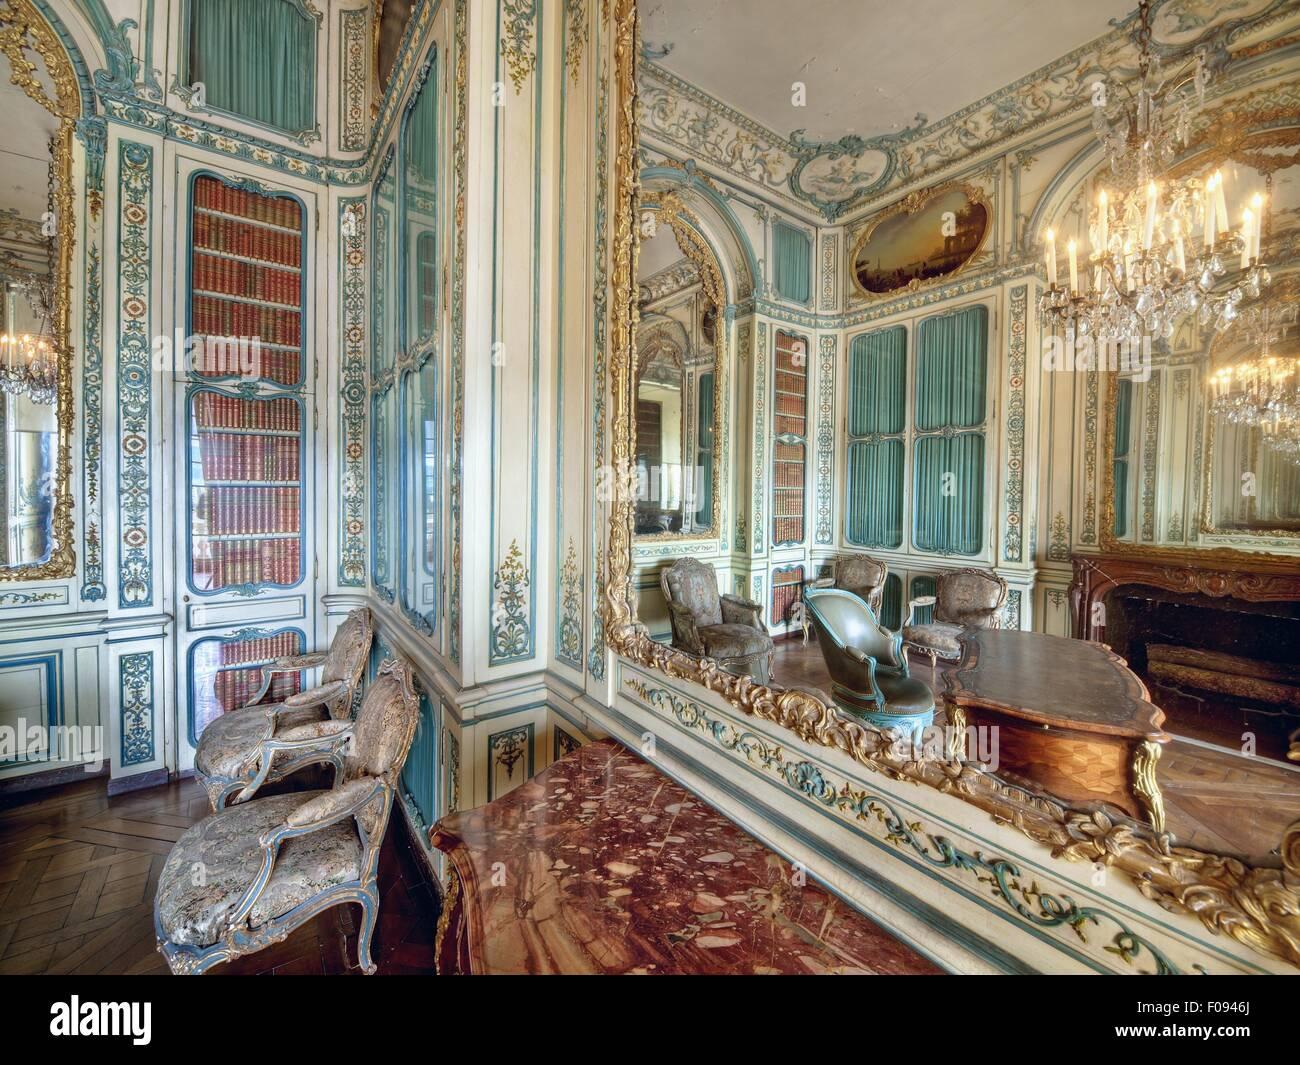 Versailles Palace Interior Stockfotos & Versailles Palace Interior ...